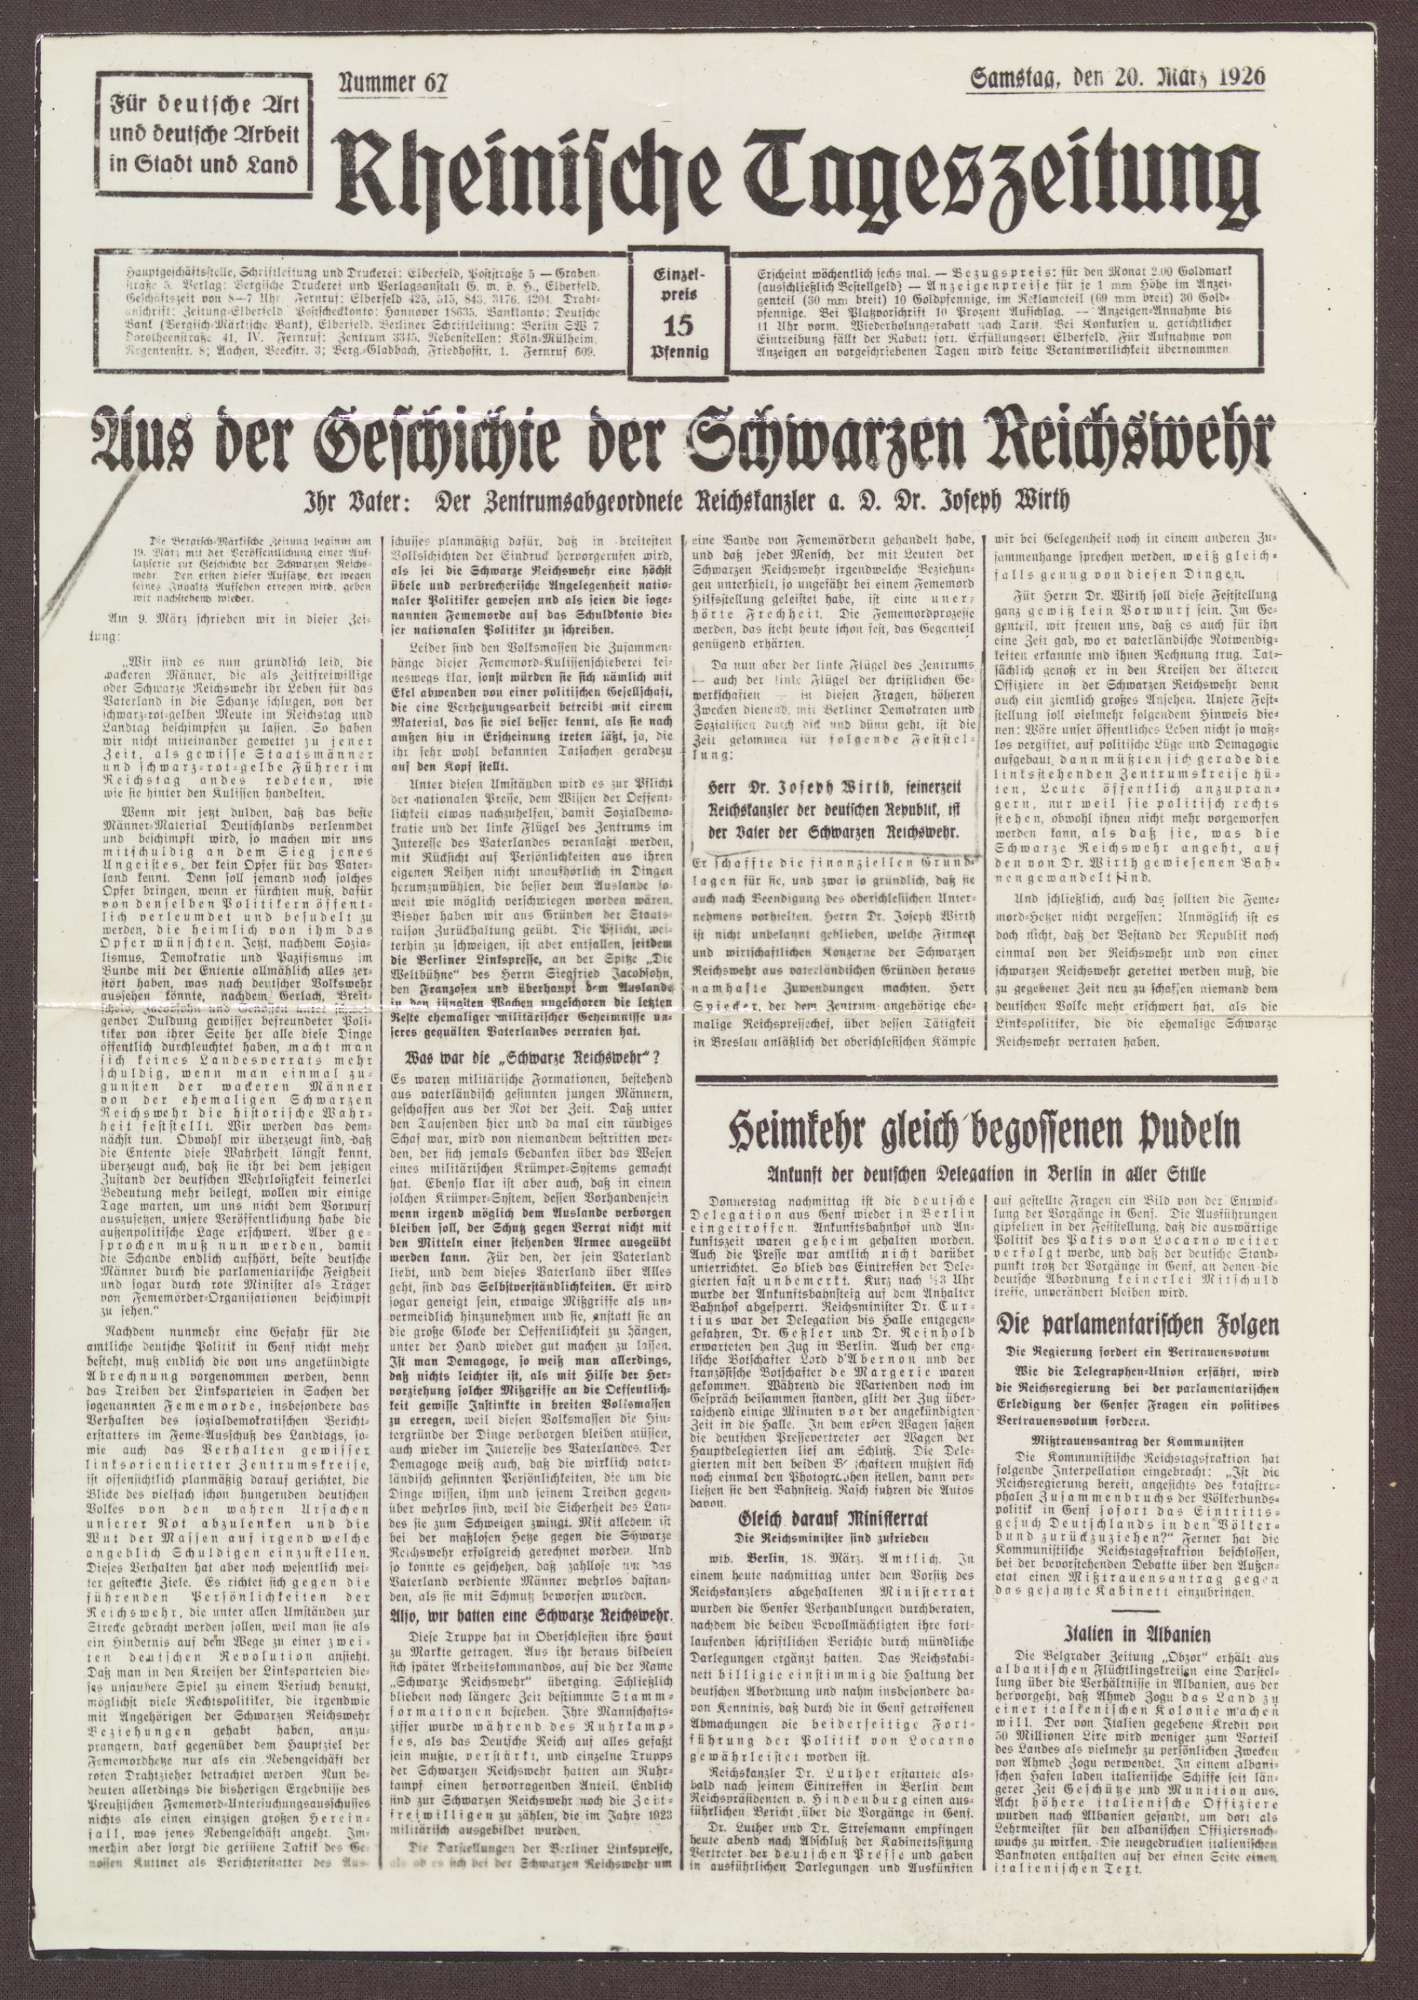 """Zeitungsartikel des Rheinischen Tagblatt vom 20.03.1926 """"Aus der Geschichte der Schwarzen Reichswehr - Ihr Vater: Der Zentrumsabgeordnete Reichskanzler a. D. Dr. Joseph Wirth"""", Bild 1"""